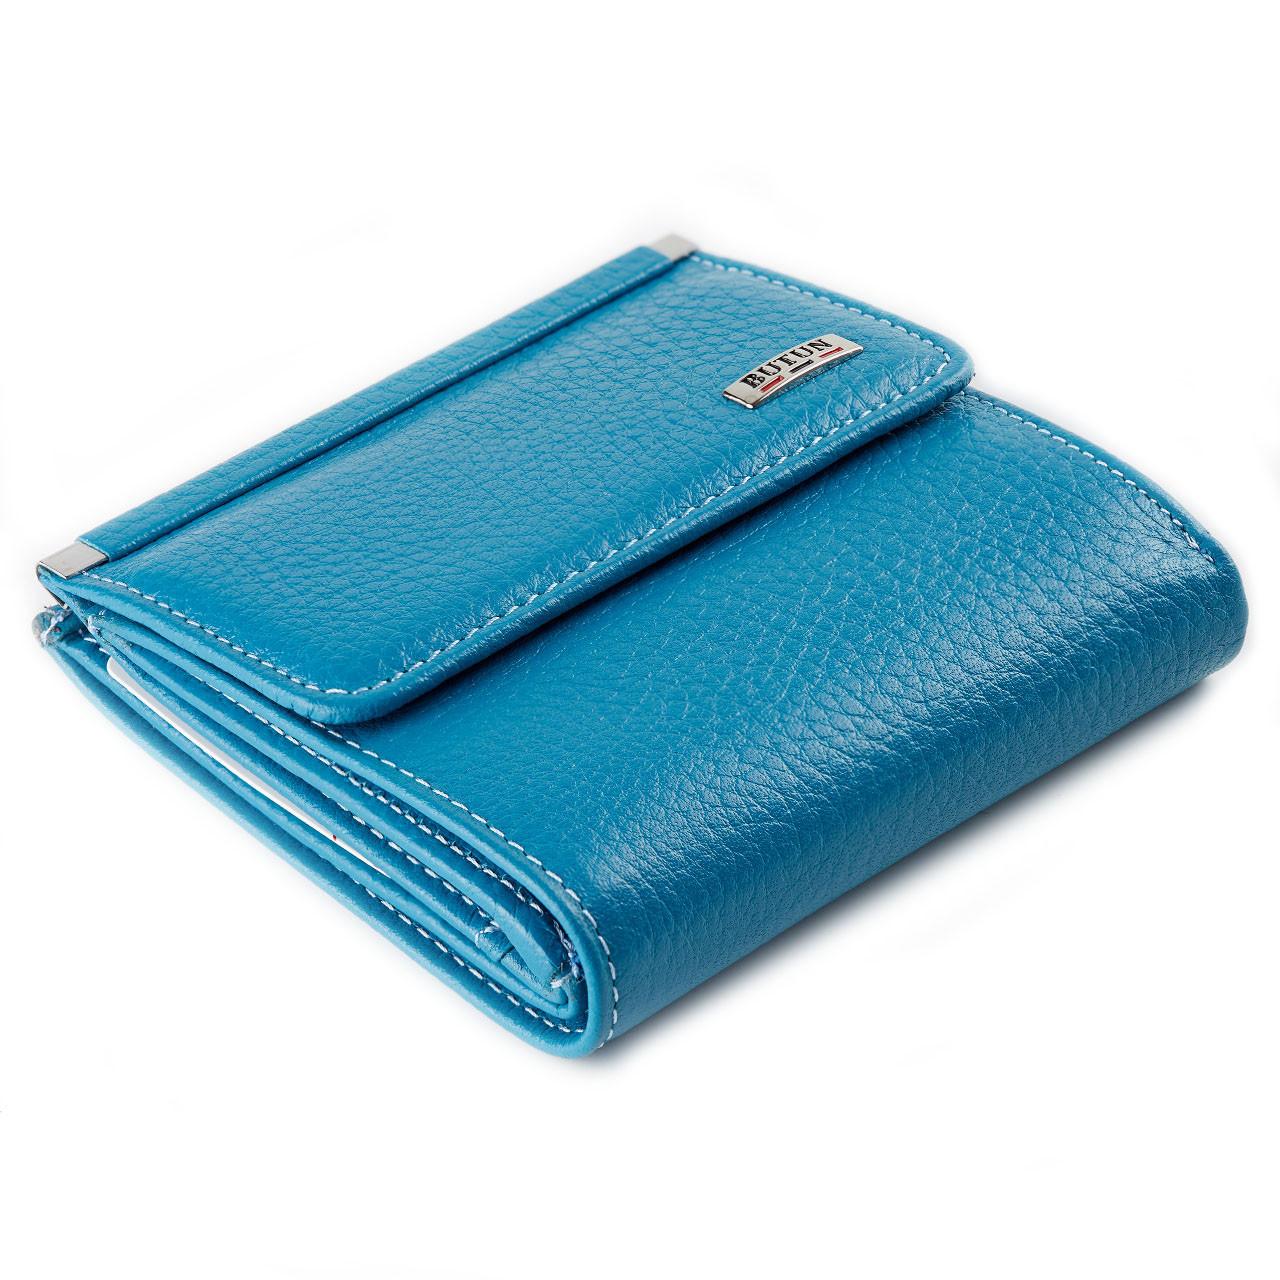 Маленький женский кошелек Butun 590-004-050 кожаный бирюзовый